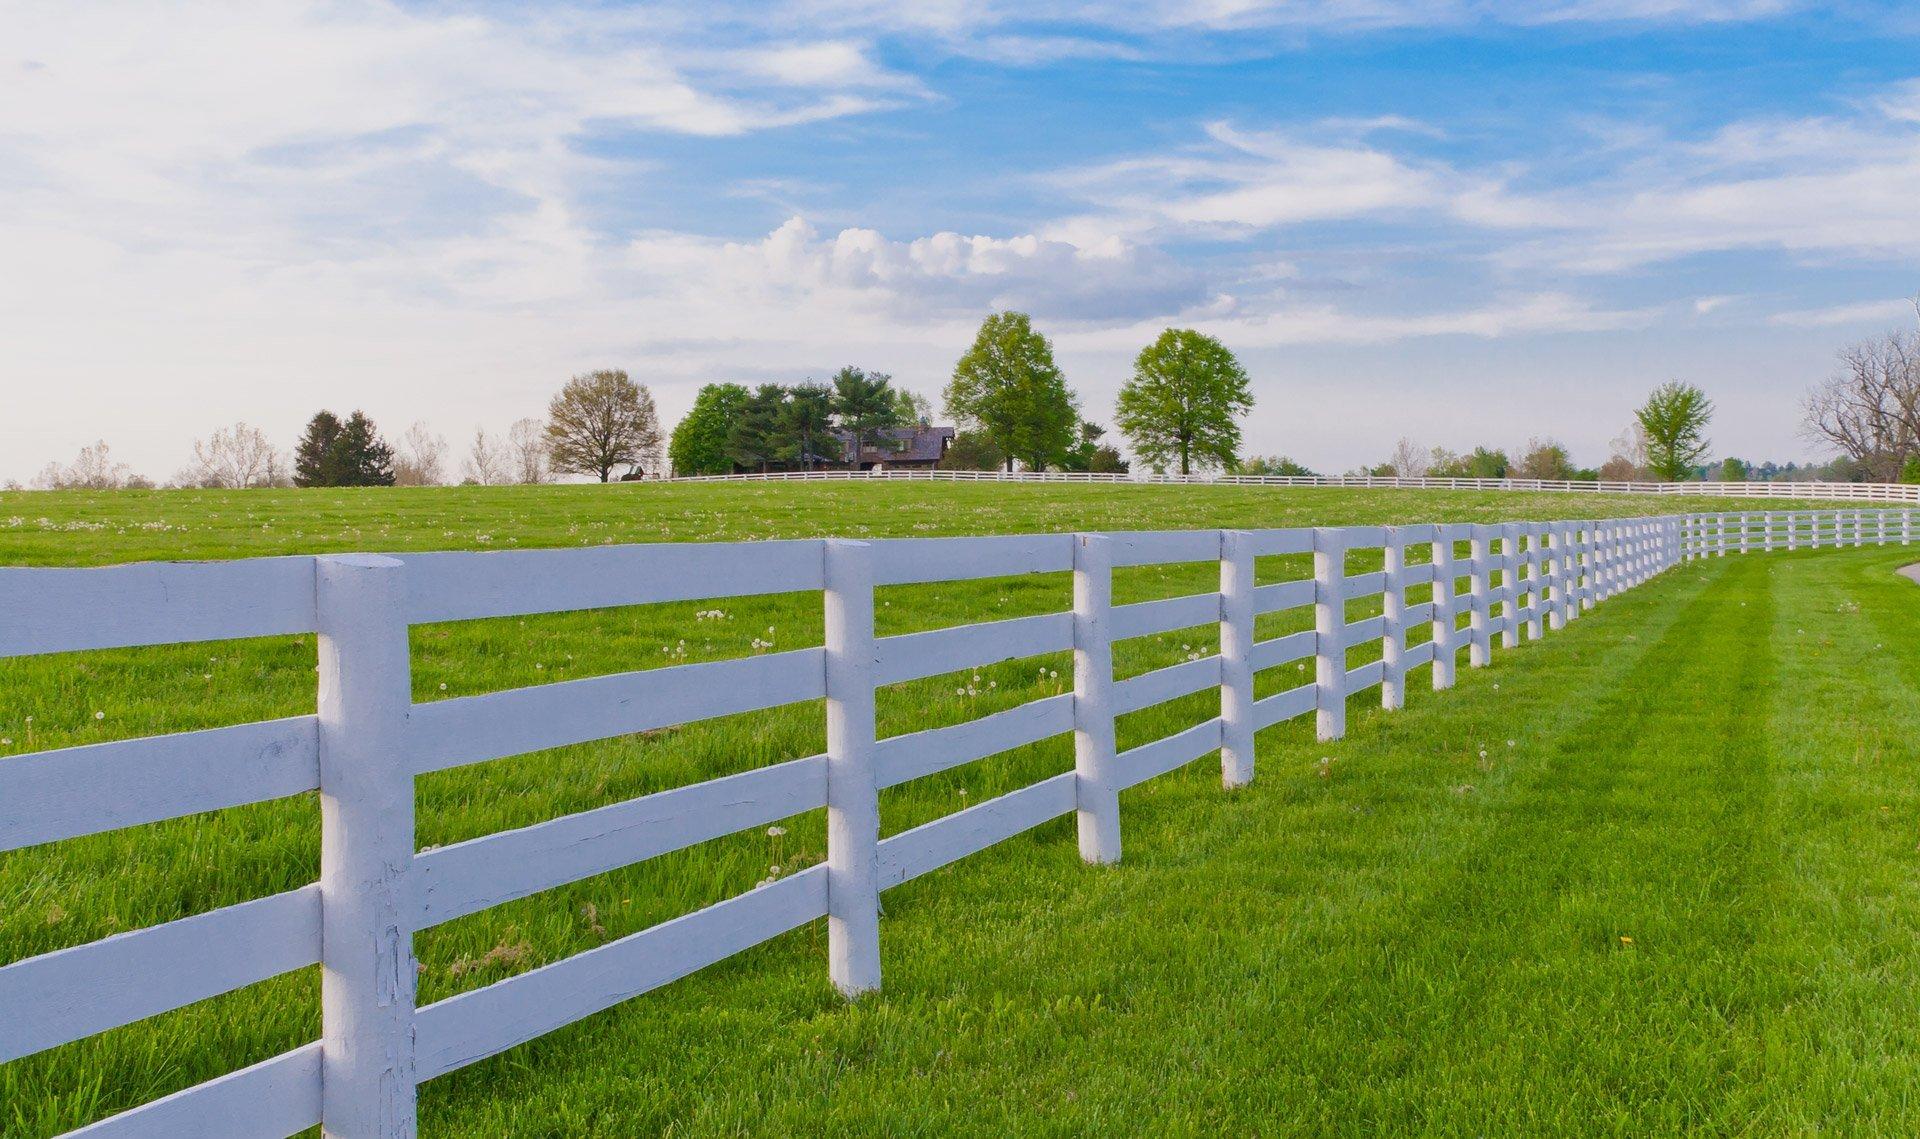 Commercial Fences San Antonio Tx Industrial Fences